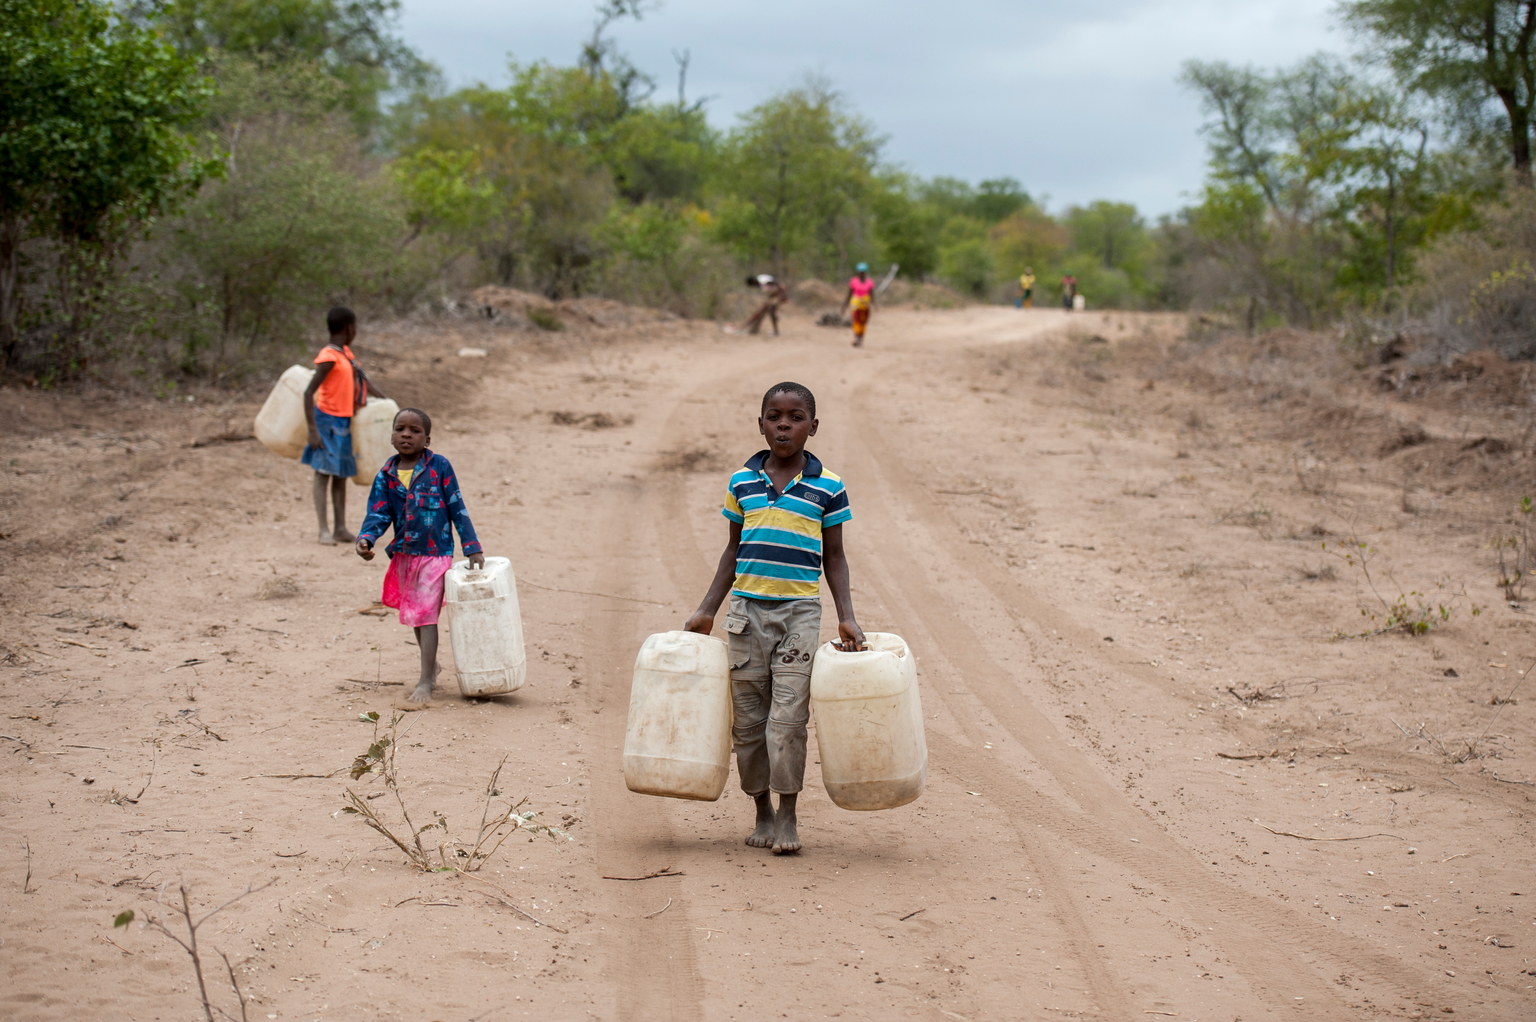 Niños transportan agua en bidones en Mozambique